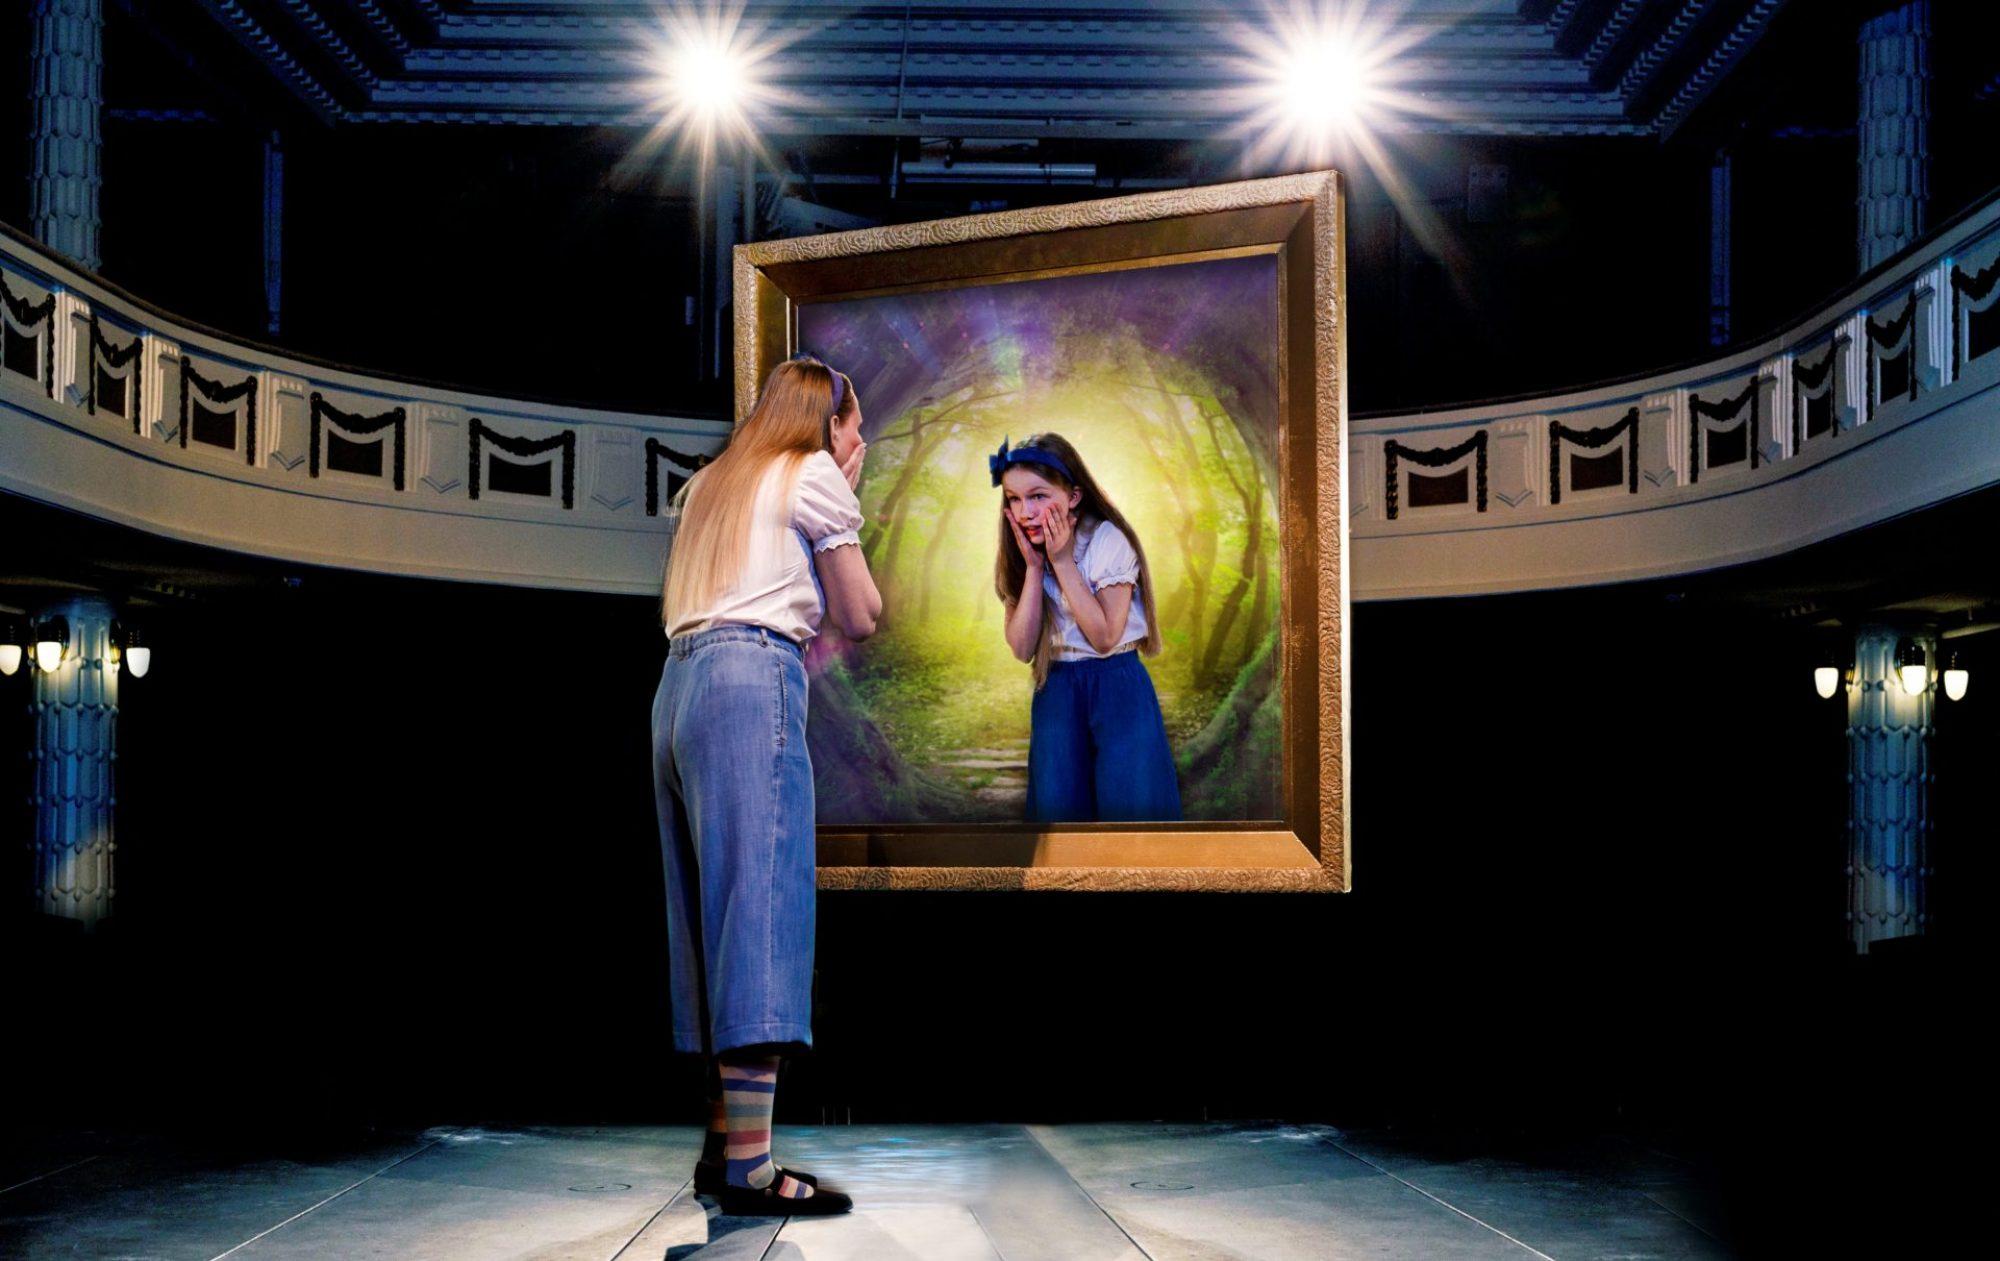 Liisa (Suvi-Maaria Virta) katsoo peiliin teatterin suurella näyttämöllä. Peilistä häntä katsoo identtinen pikku-Liisa.